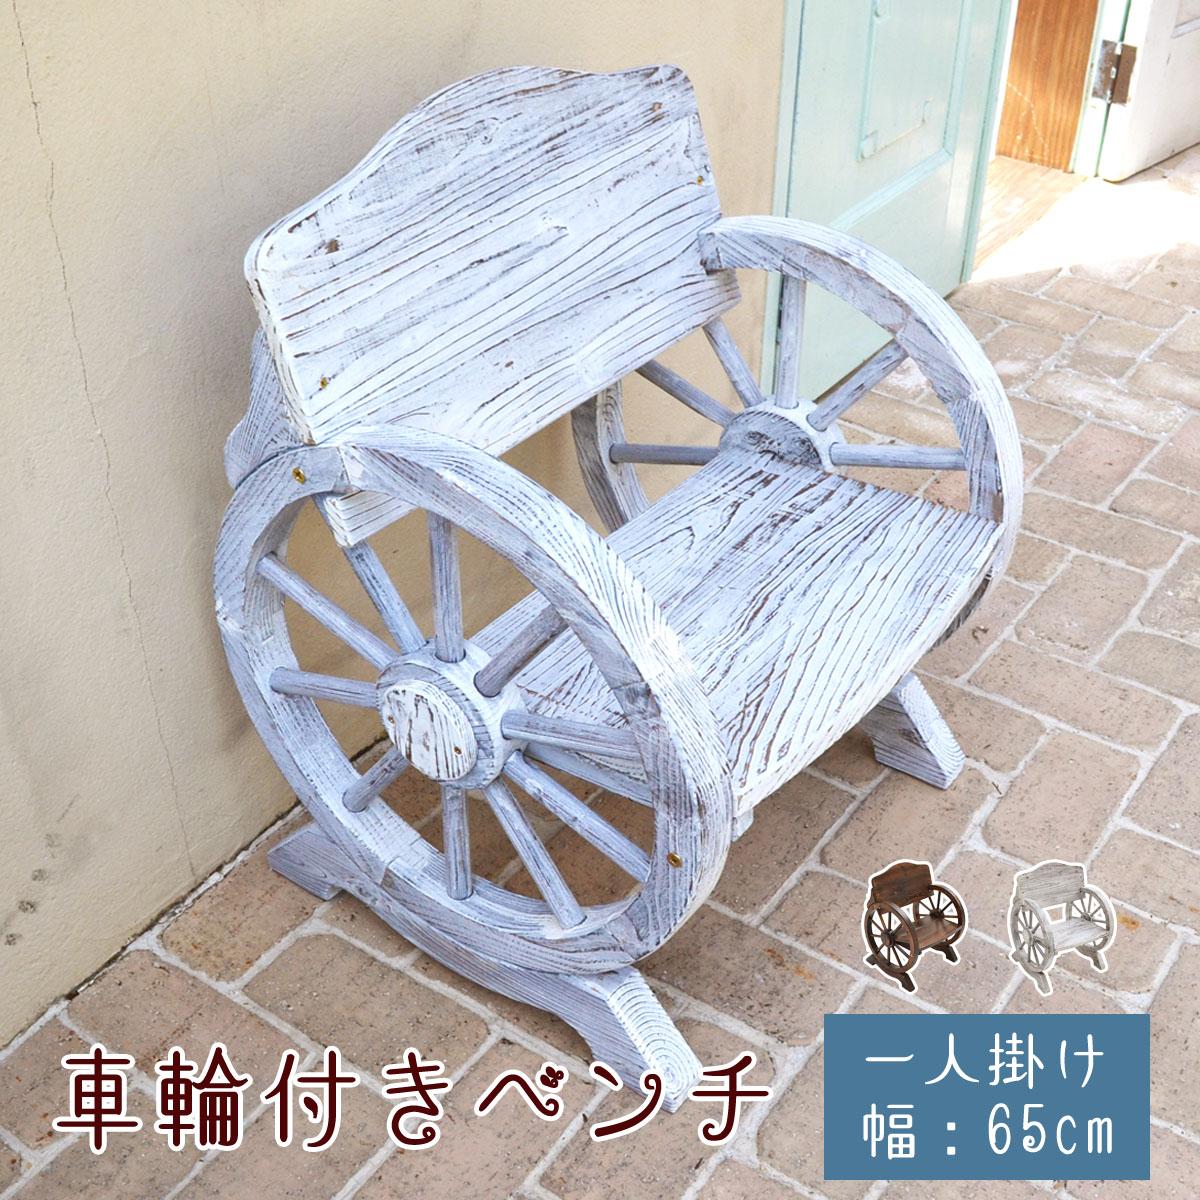 ベンチ 木製ベンチ ss-wb-650 木製ベンチ ウッドホイール風 椅子 車輪付きベンチ 幅65cm 1人掛け 屋外 ガーデンベンチ 椅子 チェア 庭 アンティーク仕上げ ss-wb-650, 平鹿町:25c84ad5 --- sunward.msk.ru